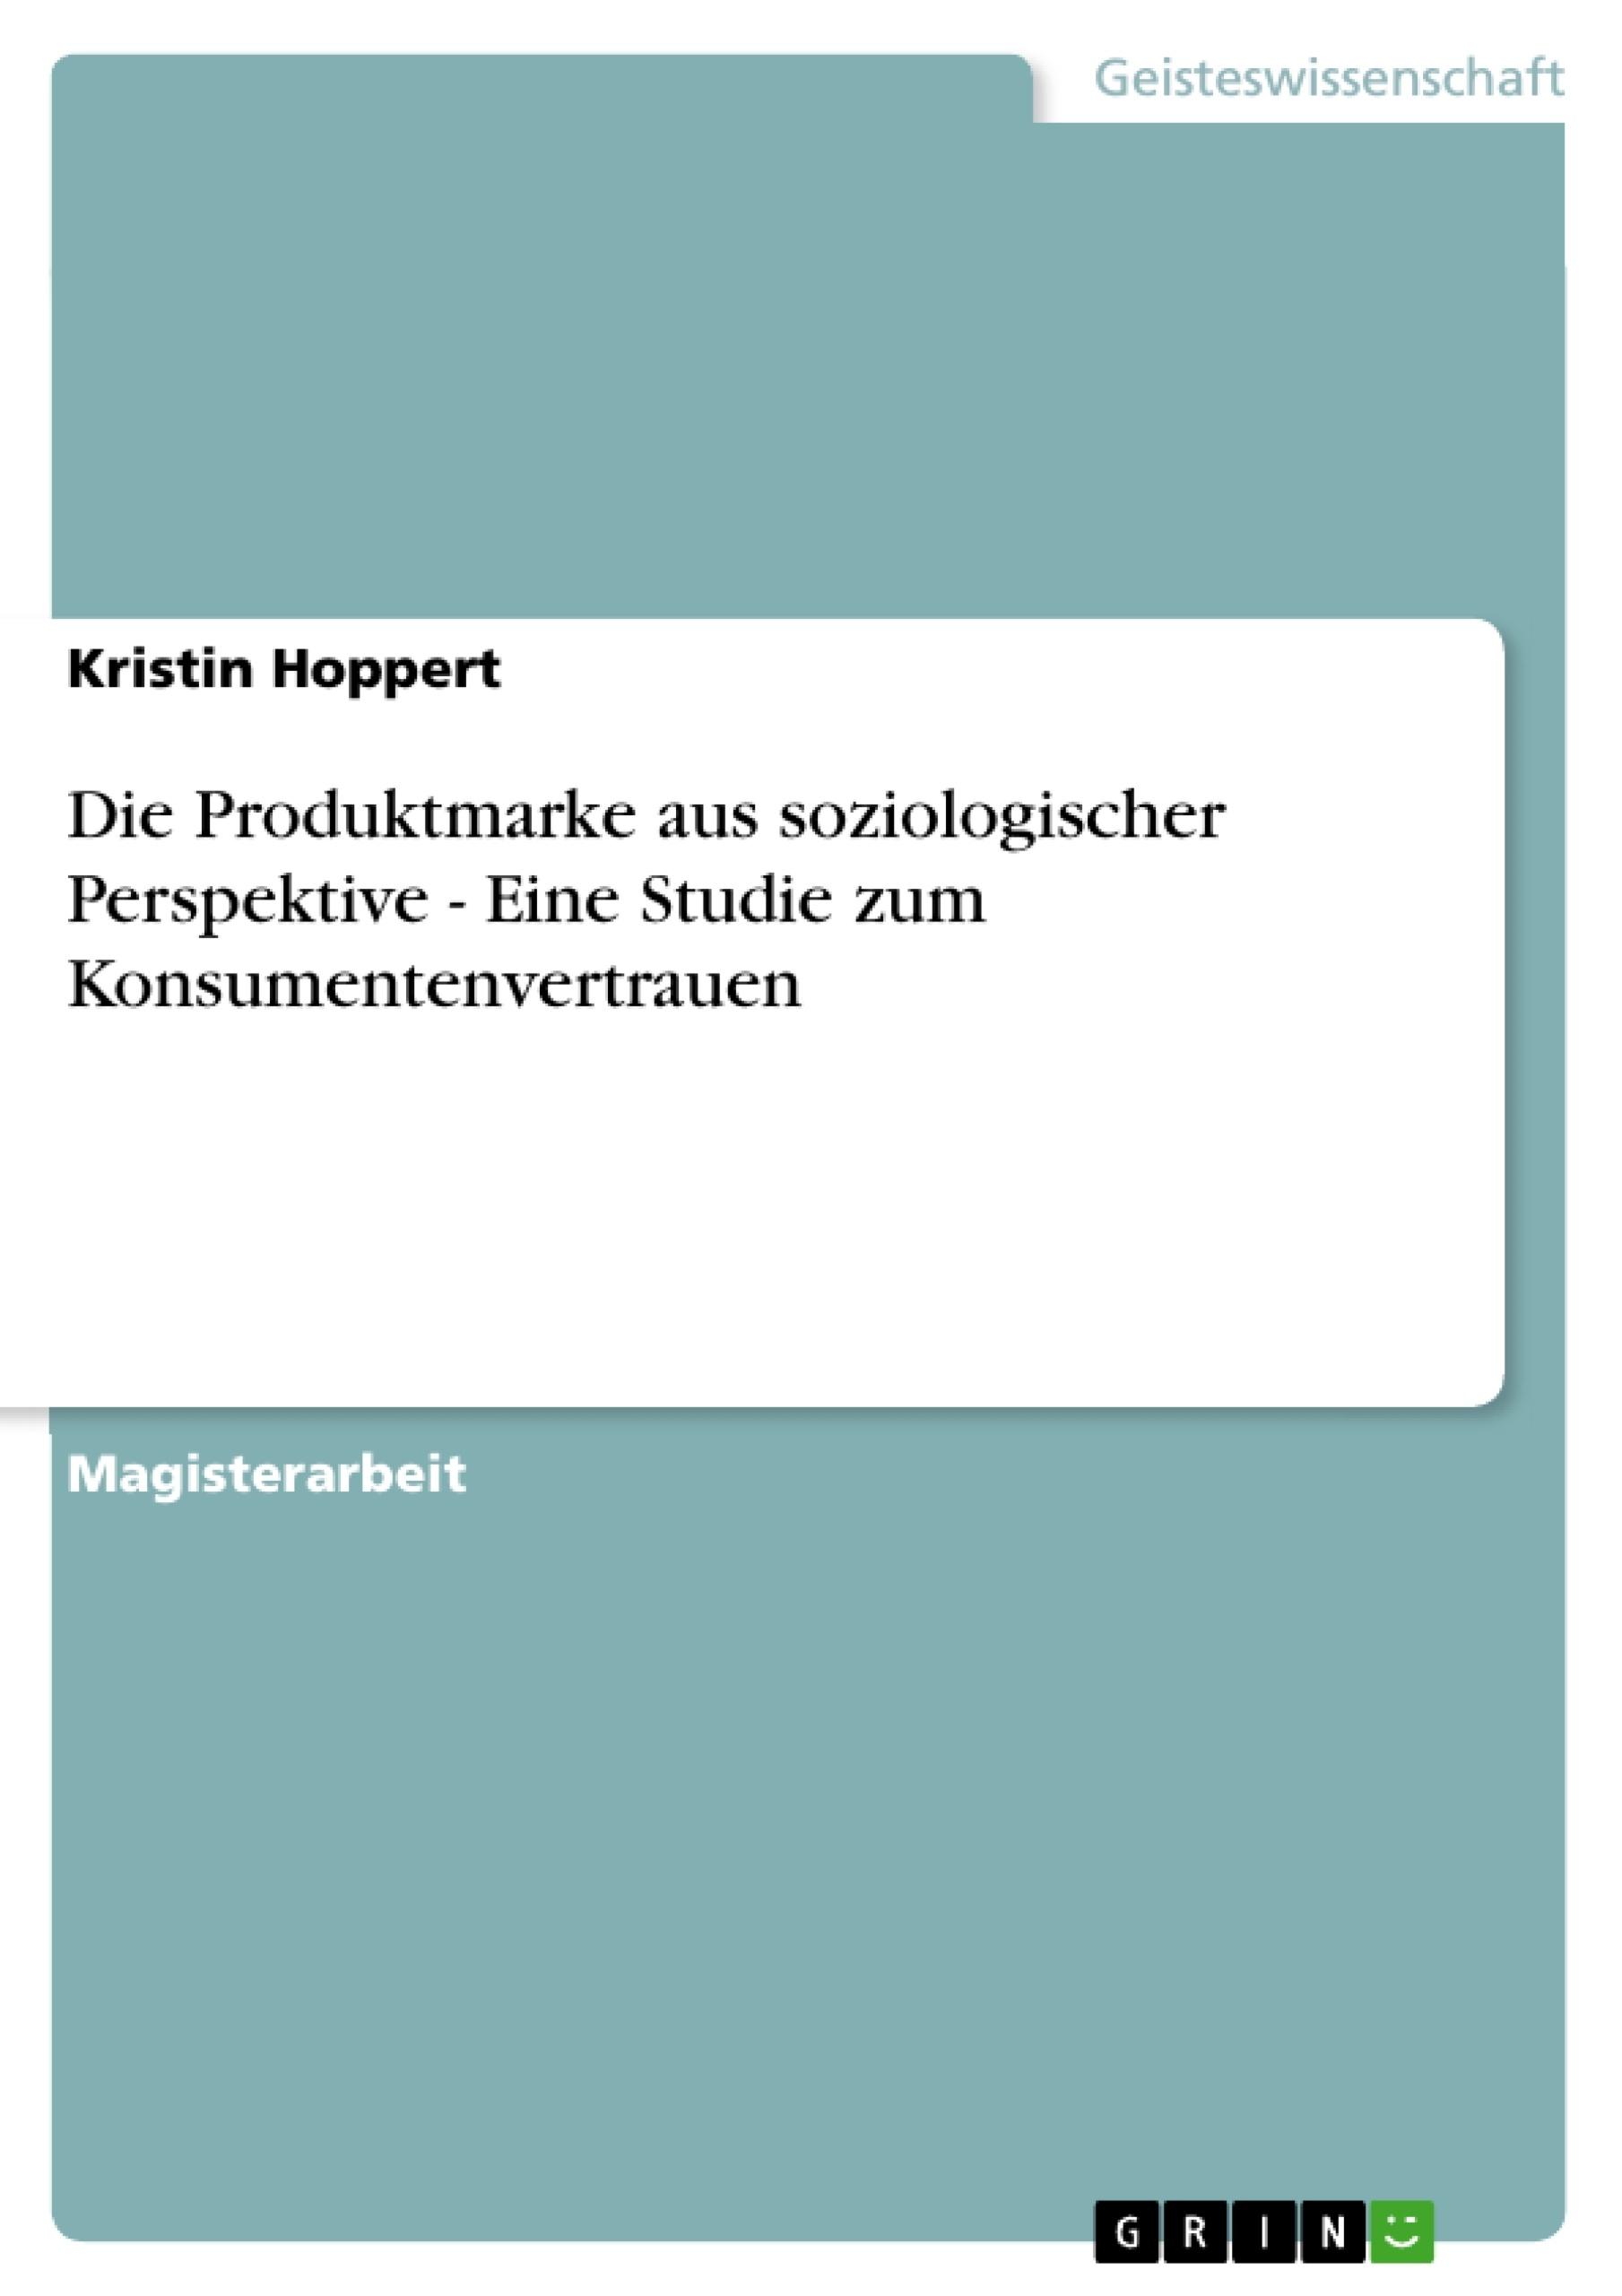 Titel: Die Produktmarke aus soziologischer Perspektive - Eine Studie zum Konsumentenvertrauen